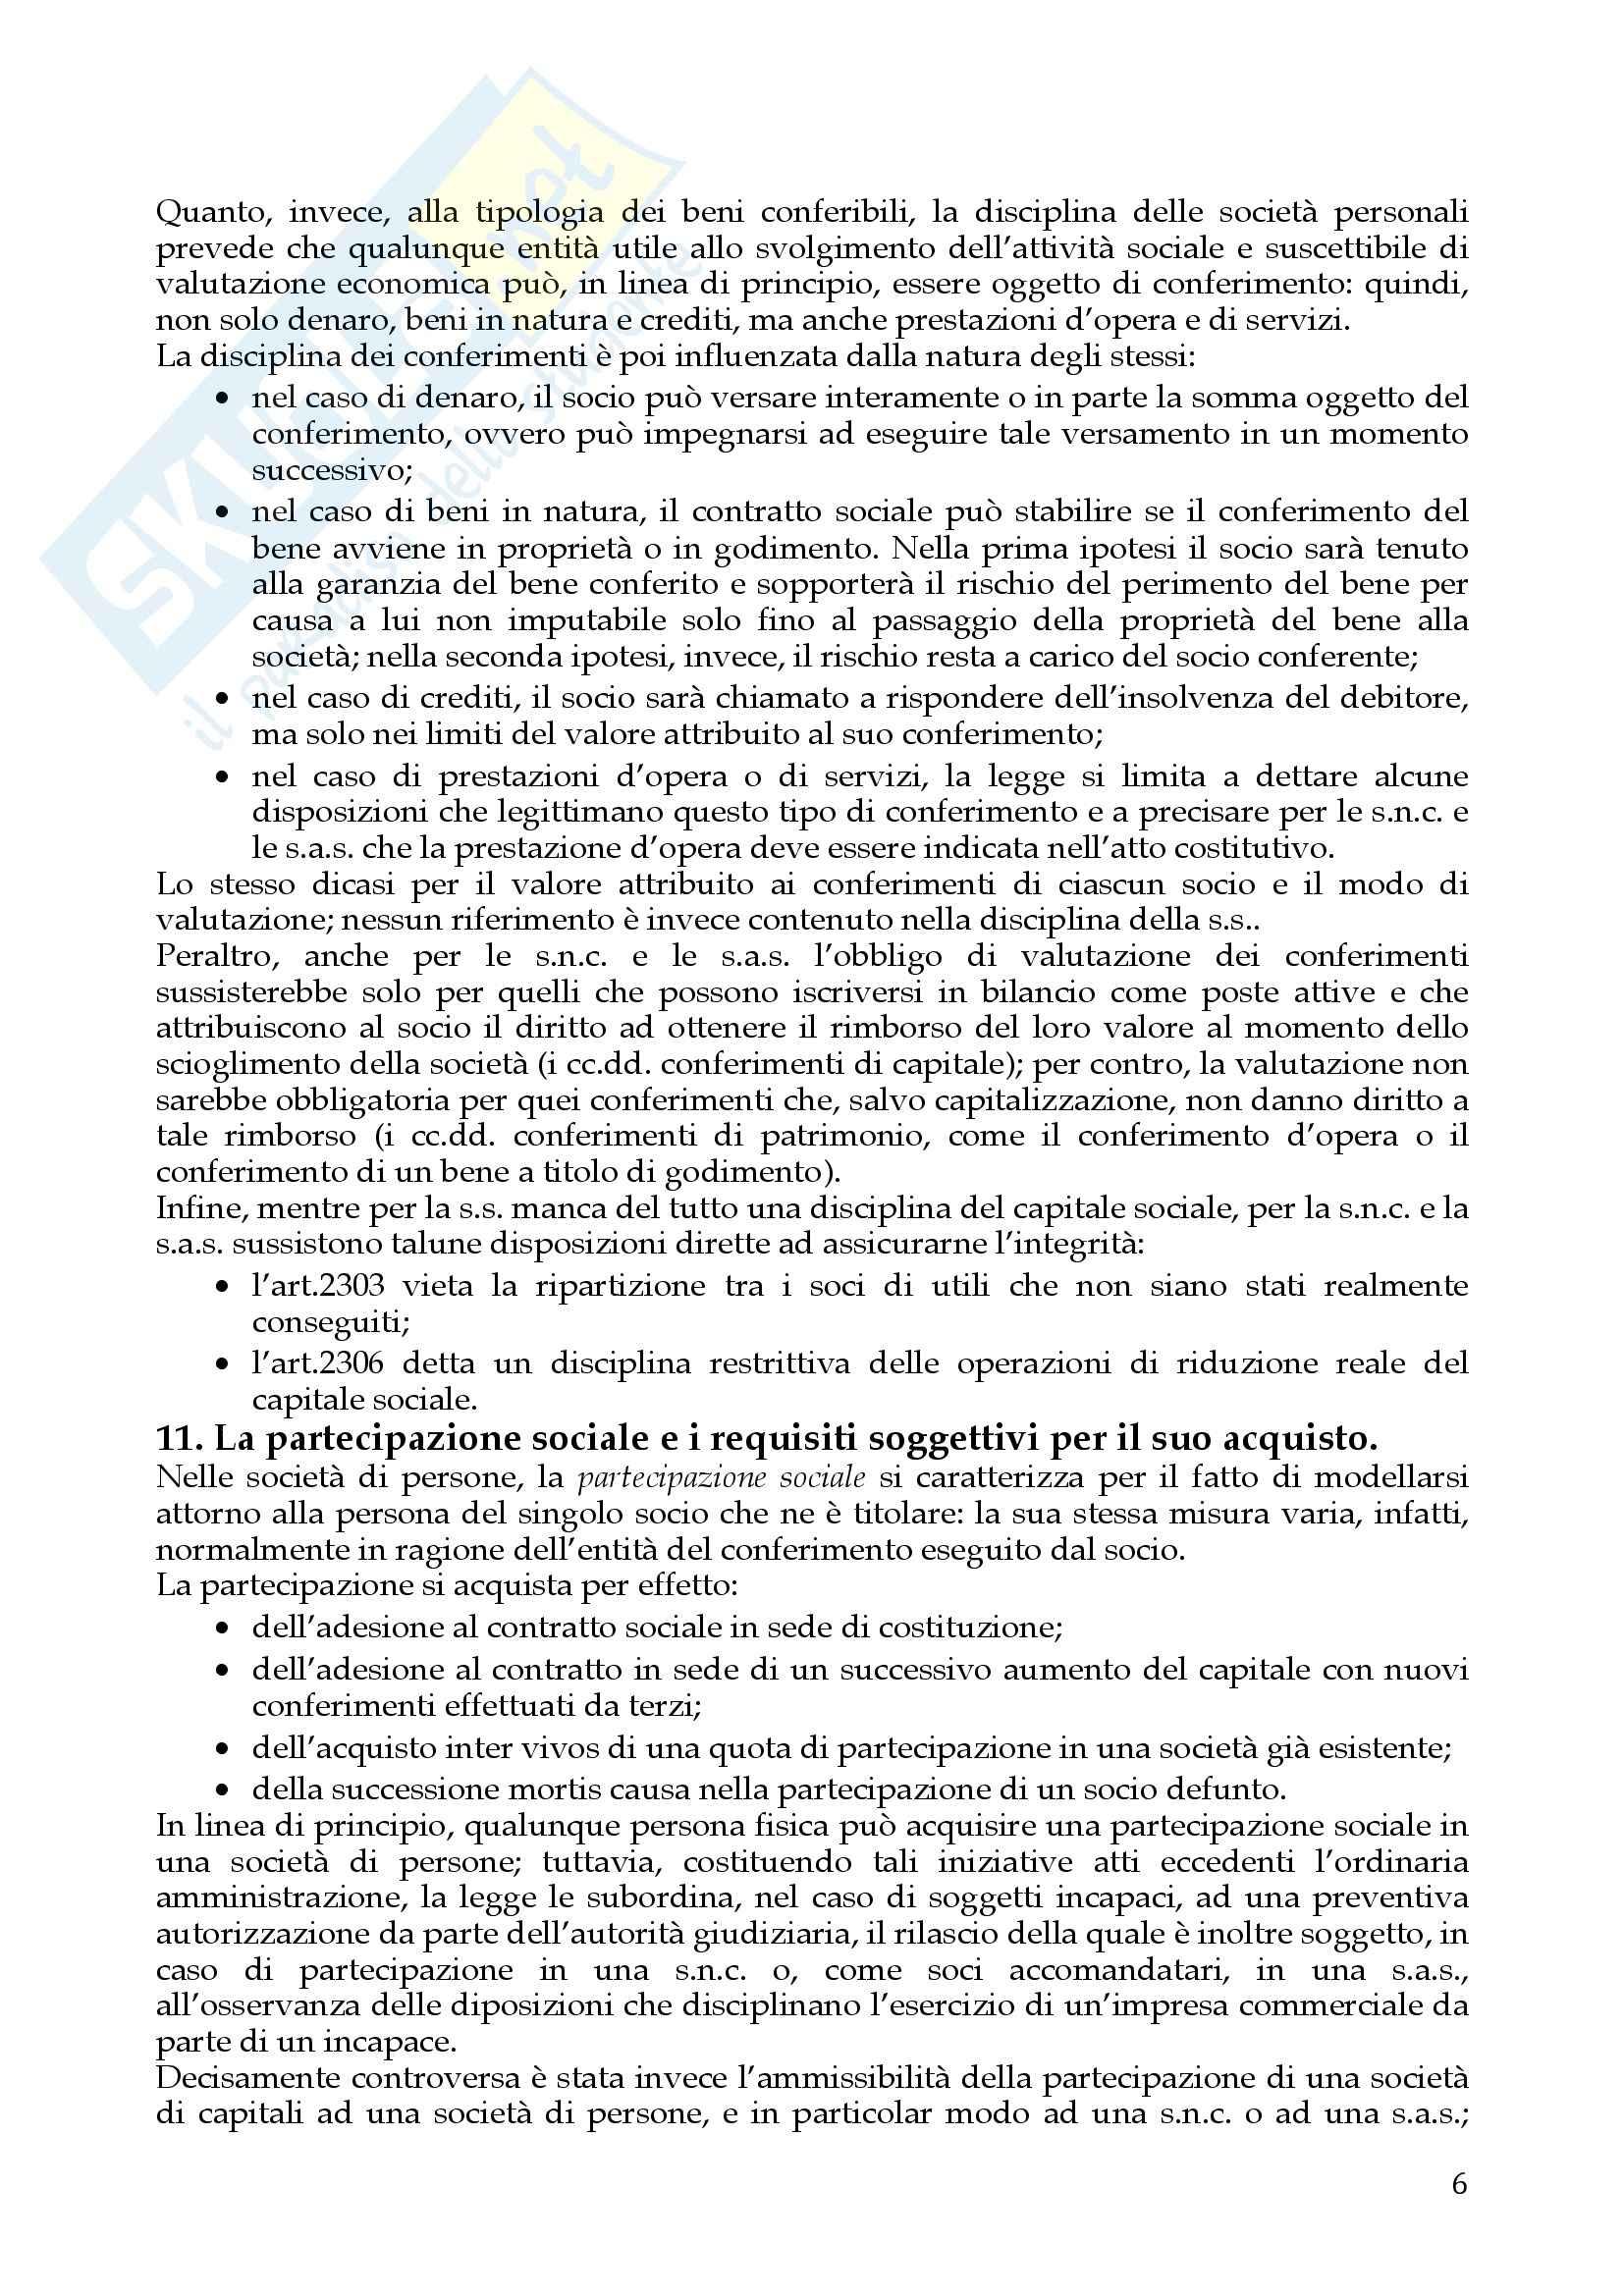 Riassunto esame Diritto Commerciale, prof. Dell'Atti, libro consigliato Diritto delle società, A.A.V.V. Pag. 6